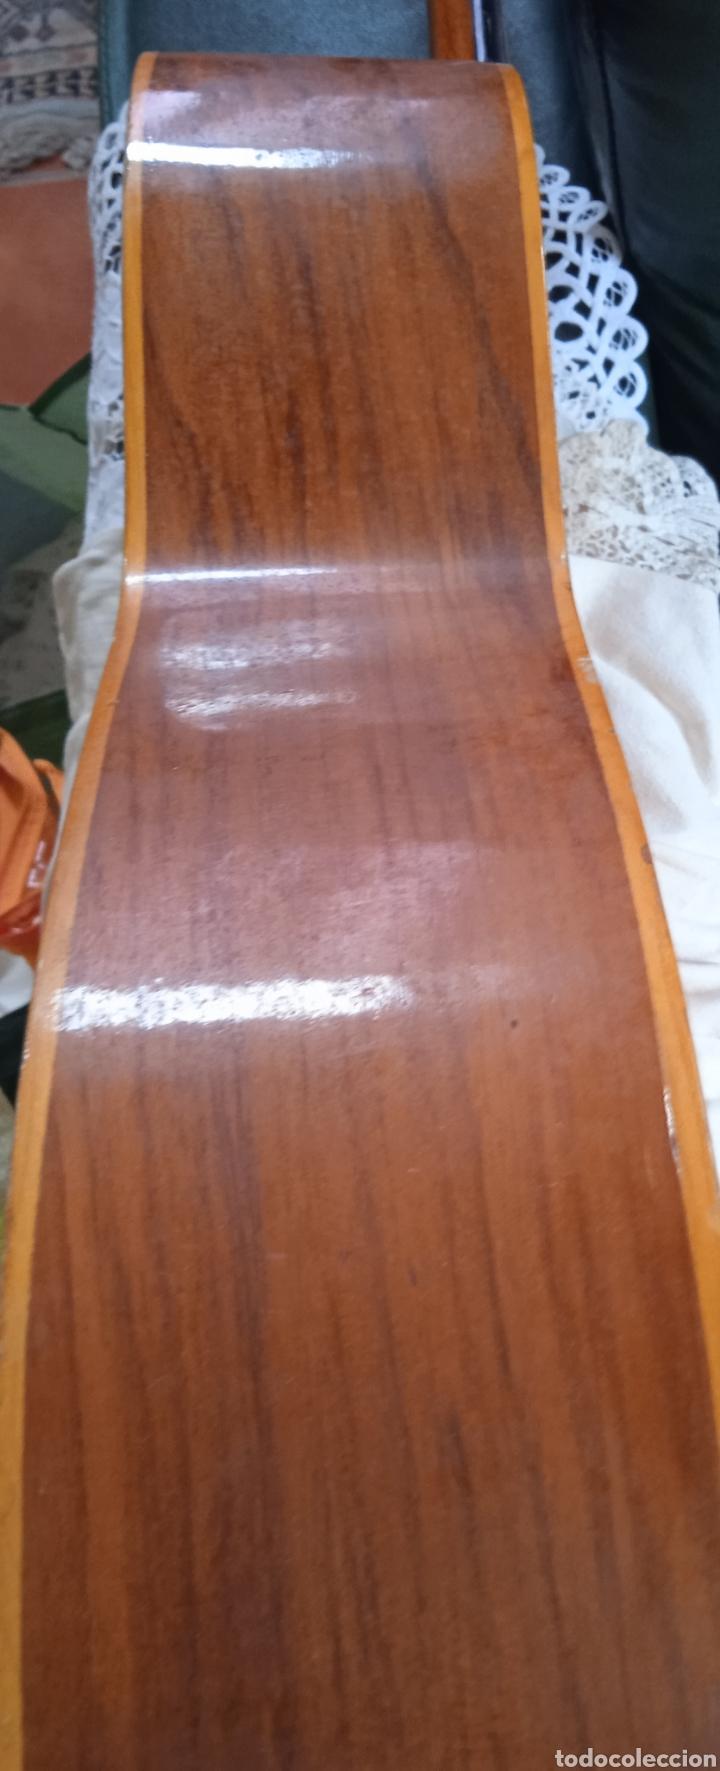 Instrumentos musicales: antigua guitarra española instrumentos musicales casa David gijon - Foto 4 - 236542885